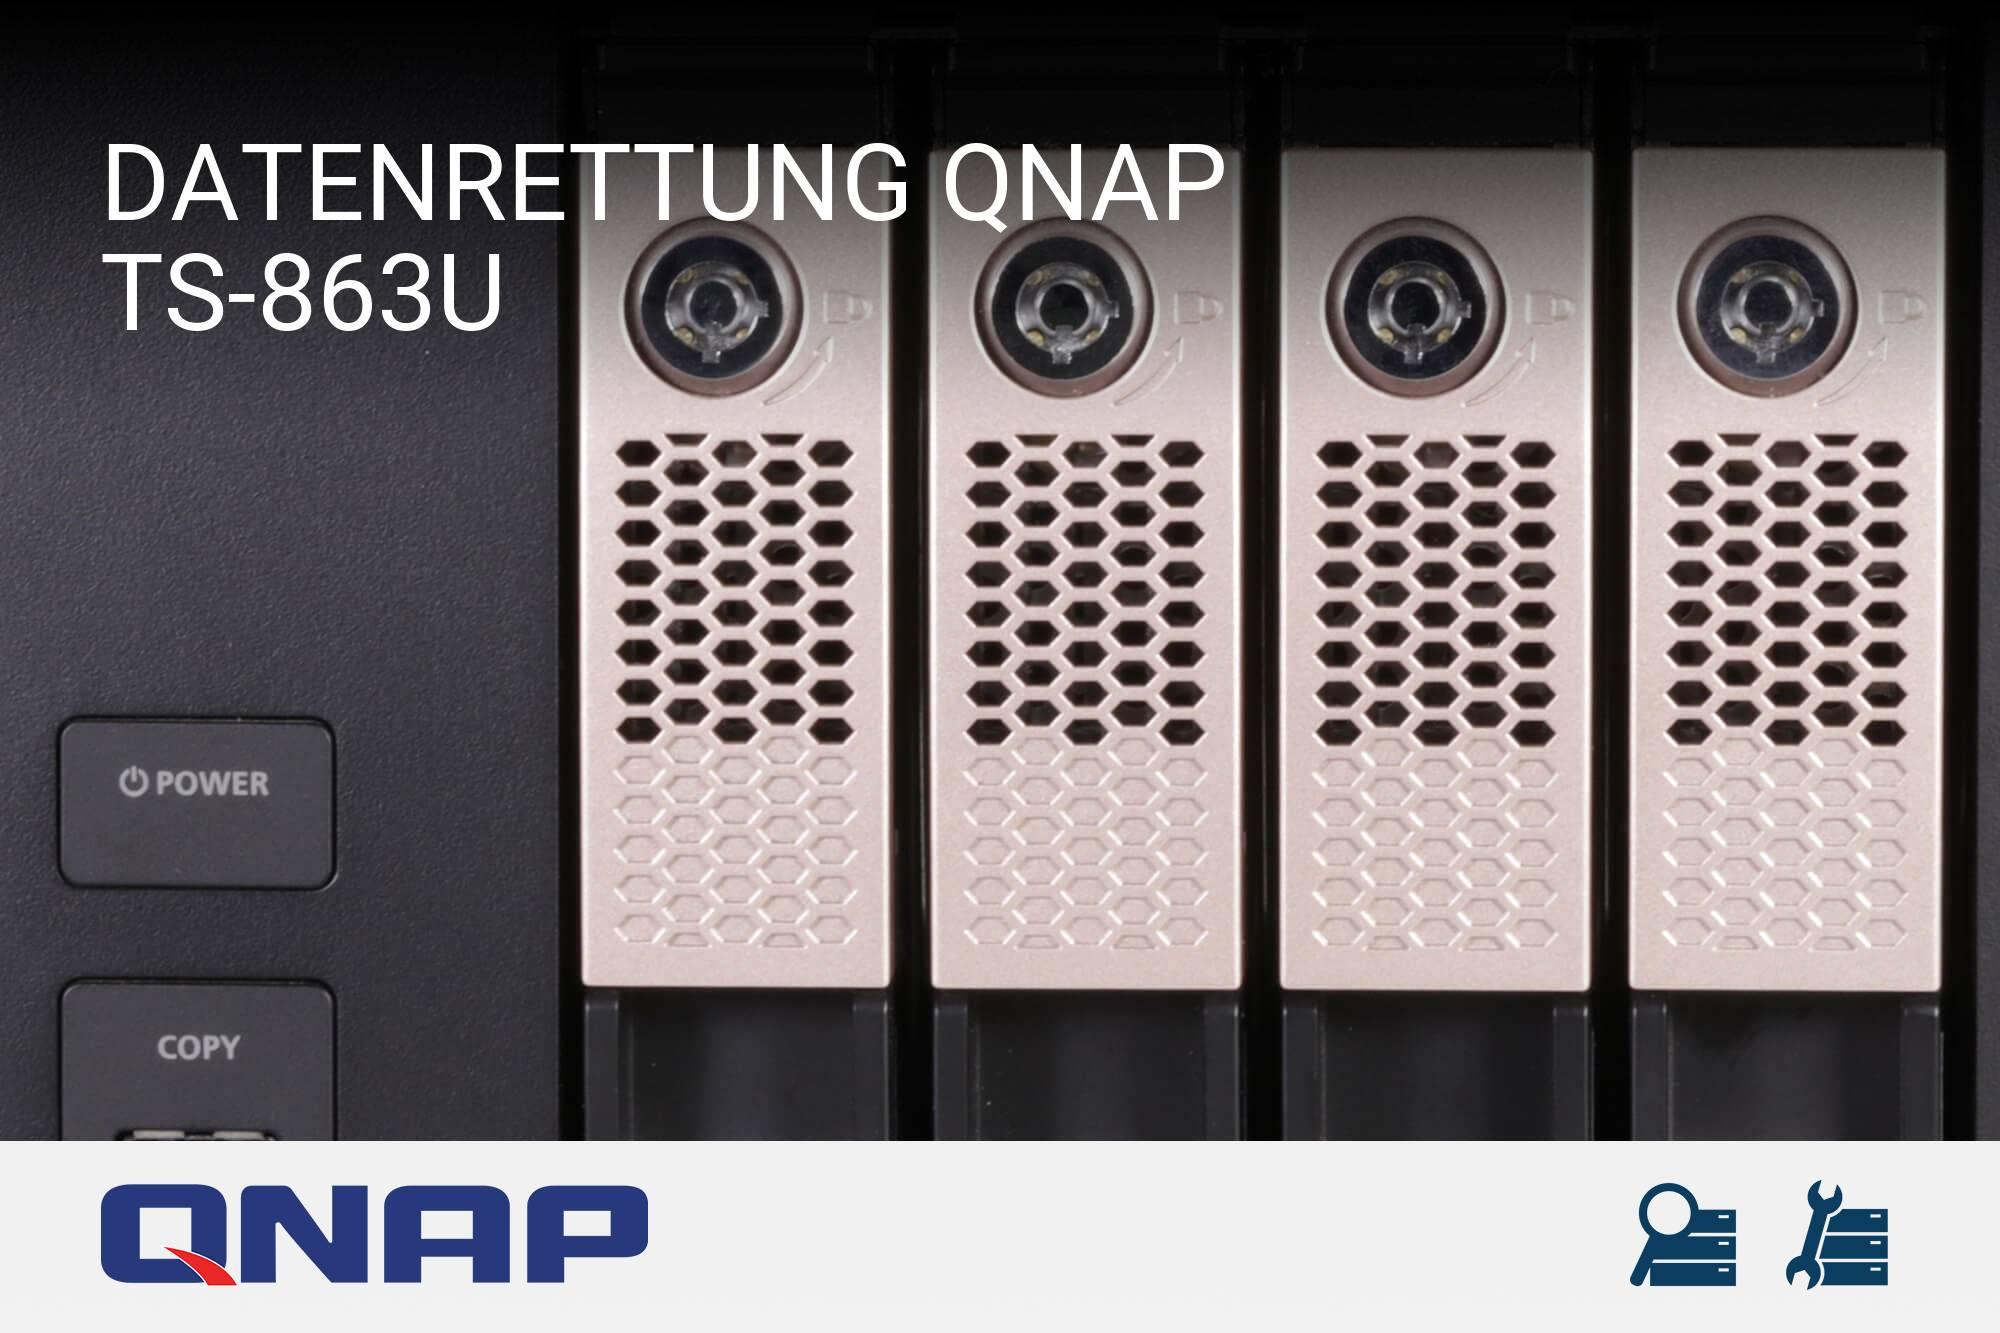 QNAP TS-863U